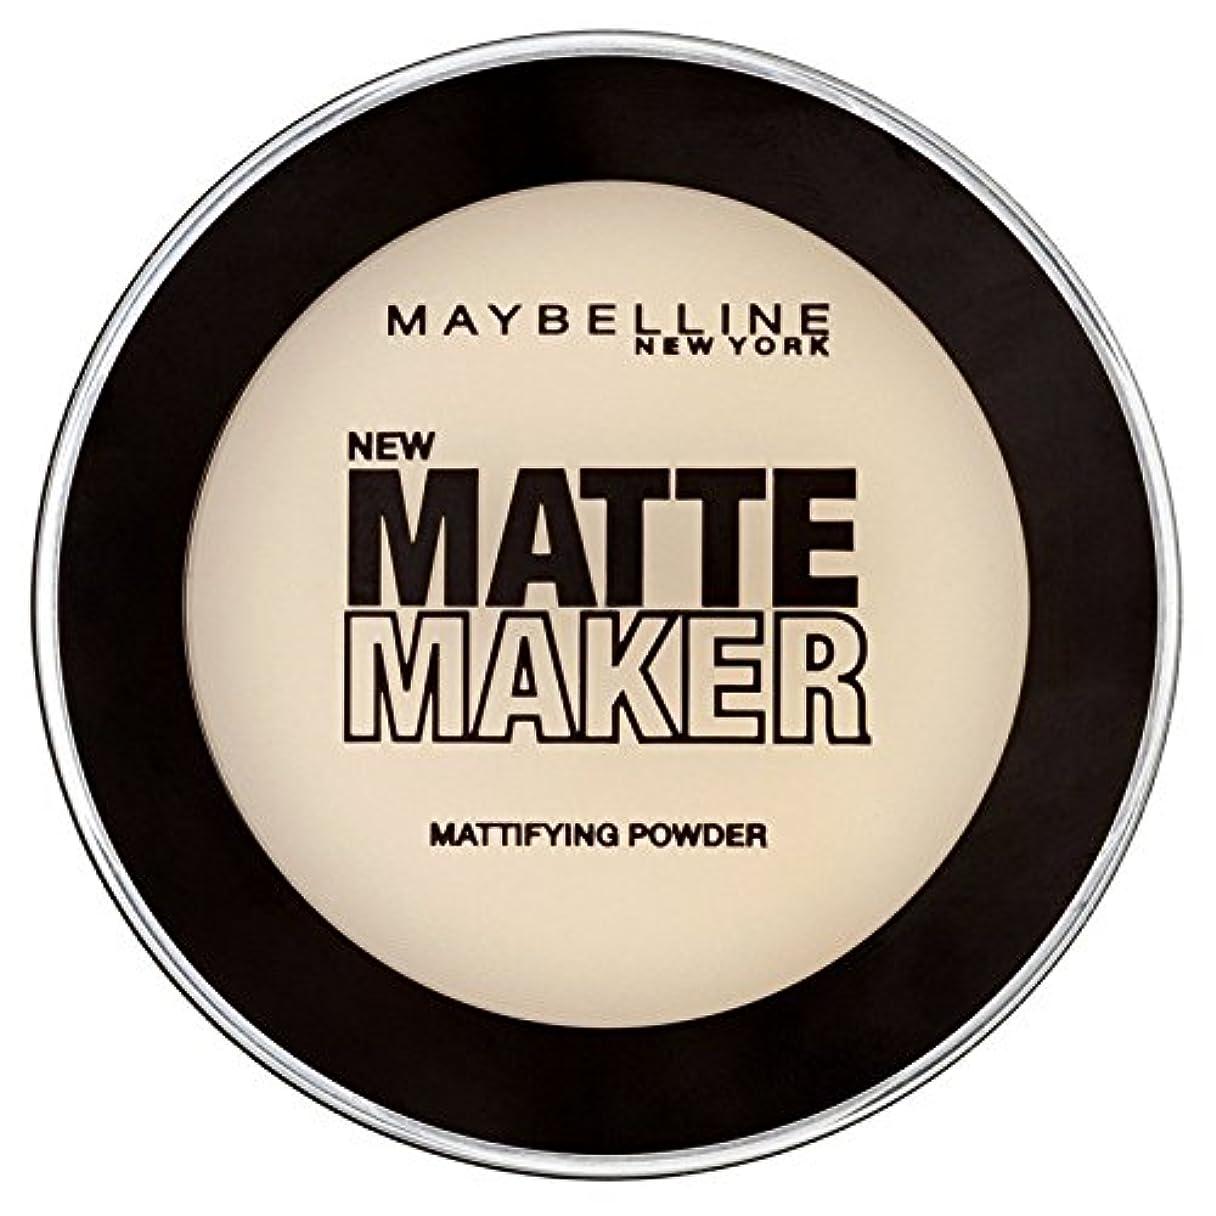 危険にさらされている征服対抗メイベリンパウダーマットメーカー、アイボリー10 16グラム x4 - Maybelline Powder Matte Maker, Ivory 10 16g (Pack of 4) [並行輸入品]